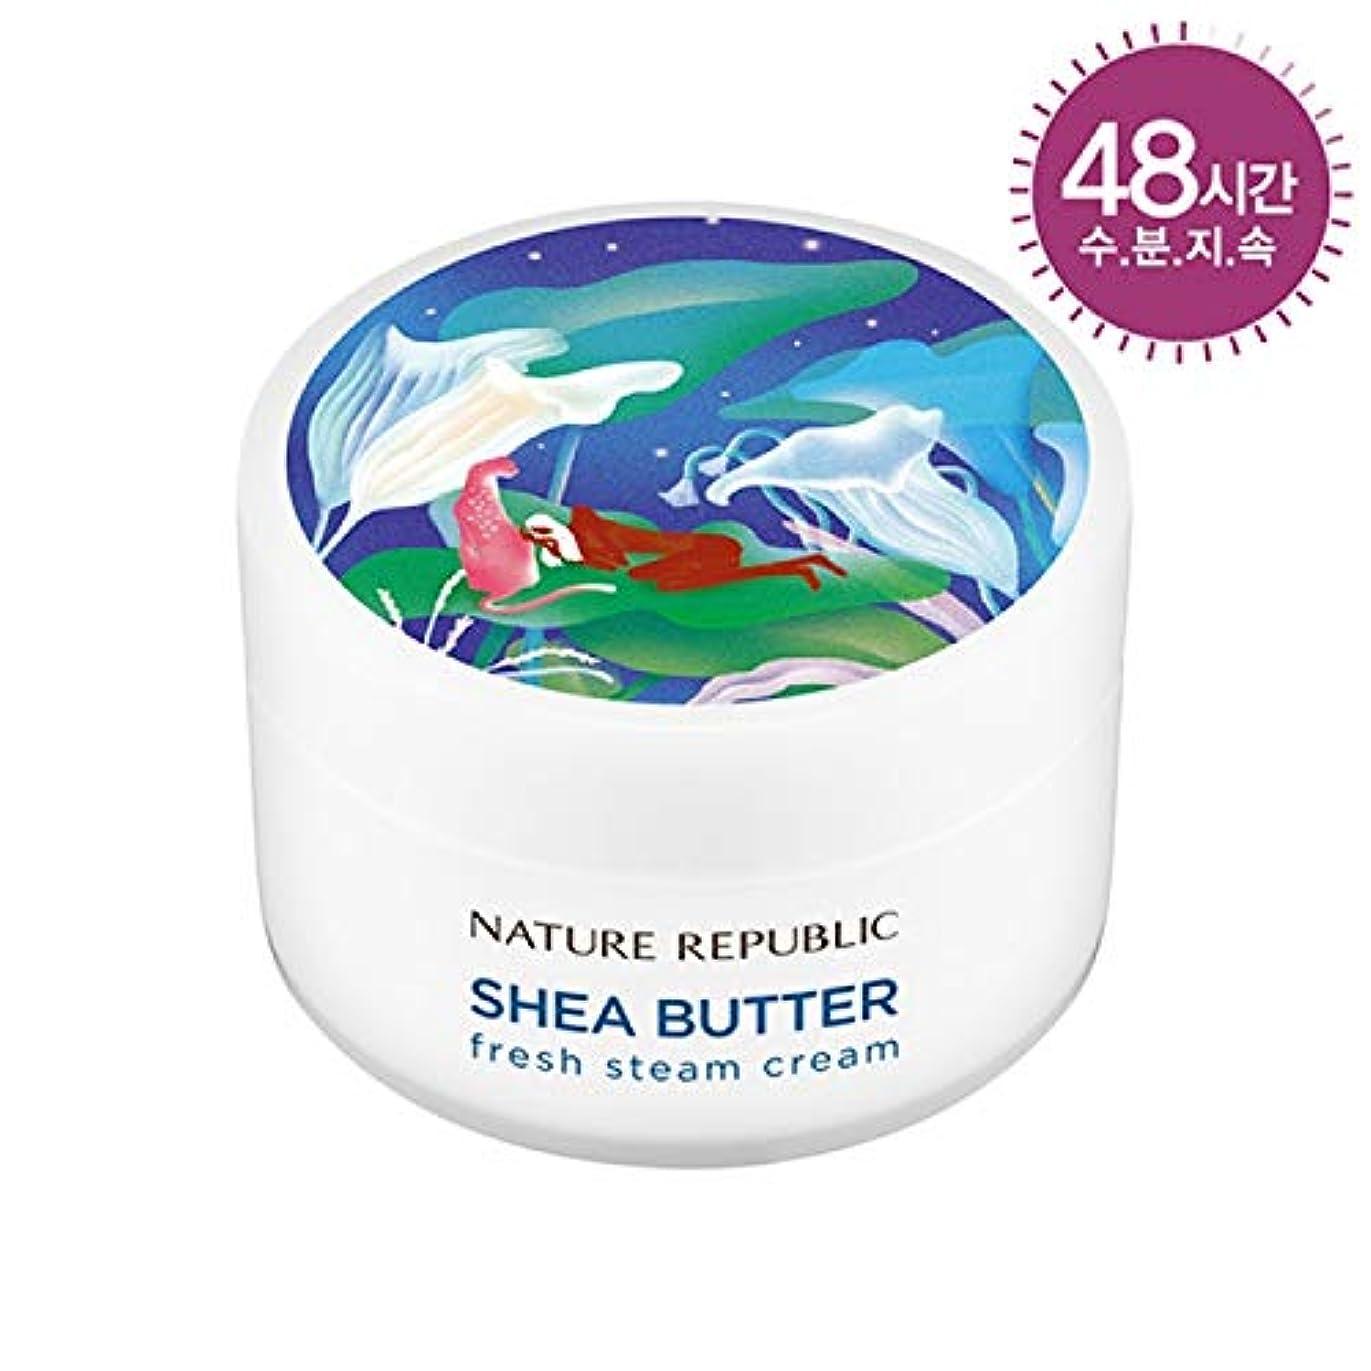 自慢覆すなめらかなネイチャーリパブリック(Nature Republic)シェアバタースチームクリームフレッシュ(混合肌用) 100ml / Shea Butter Steam Cream 100ml (Fresh) :: 韓国コスメ [...